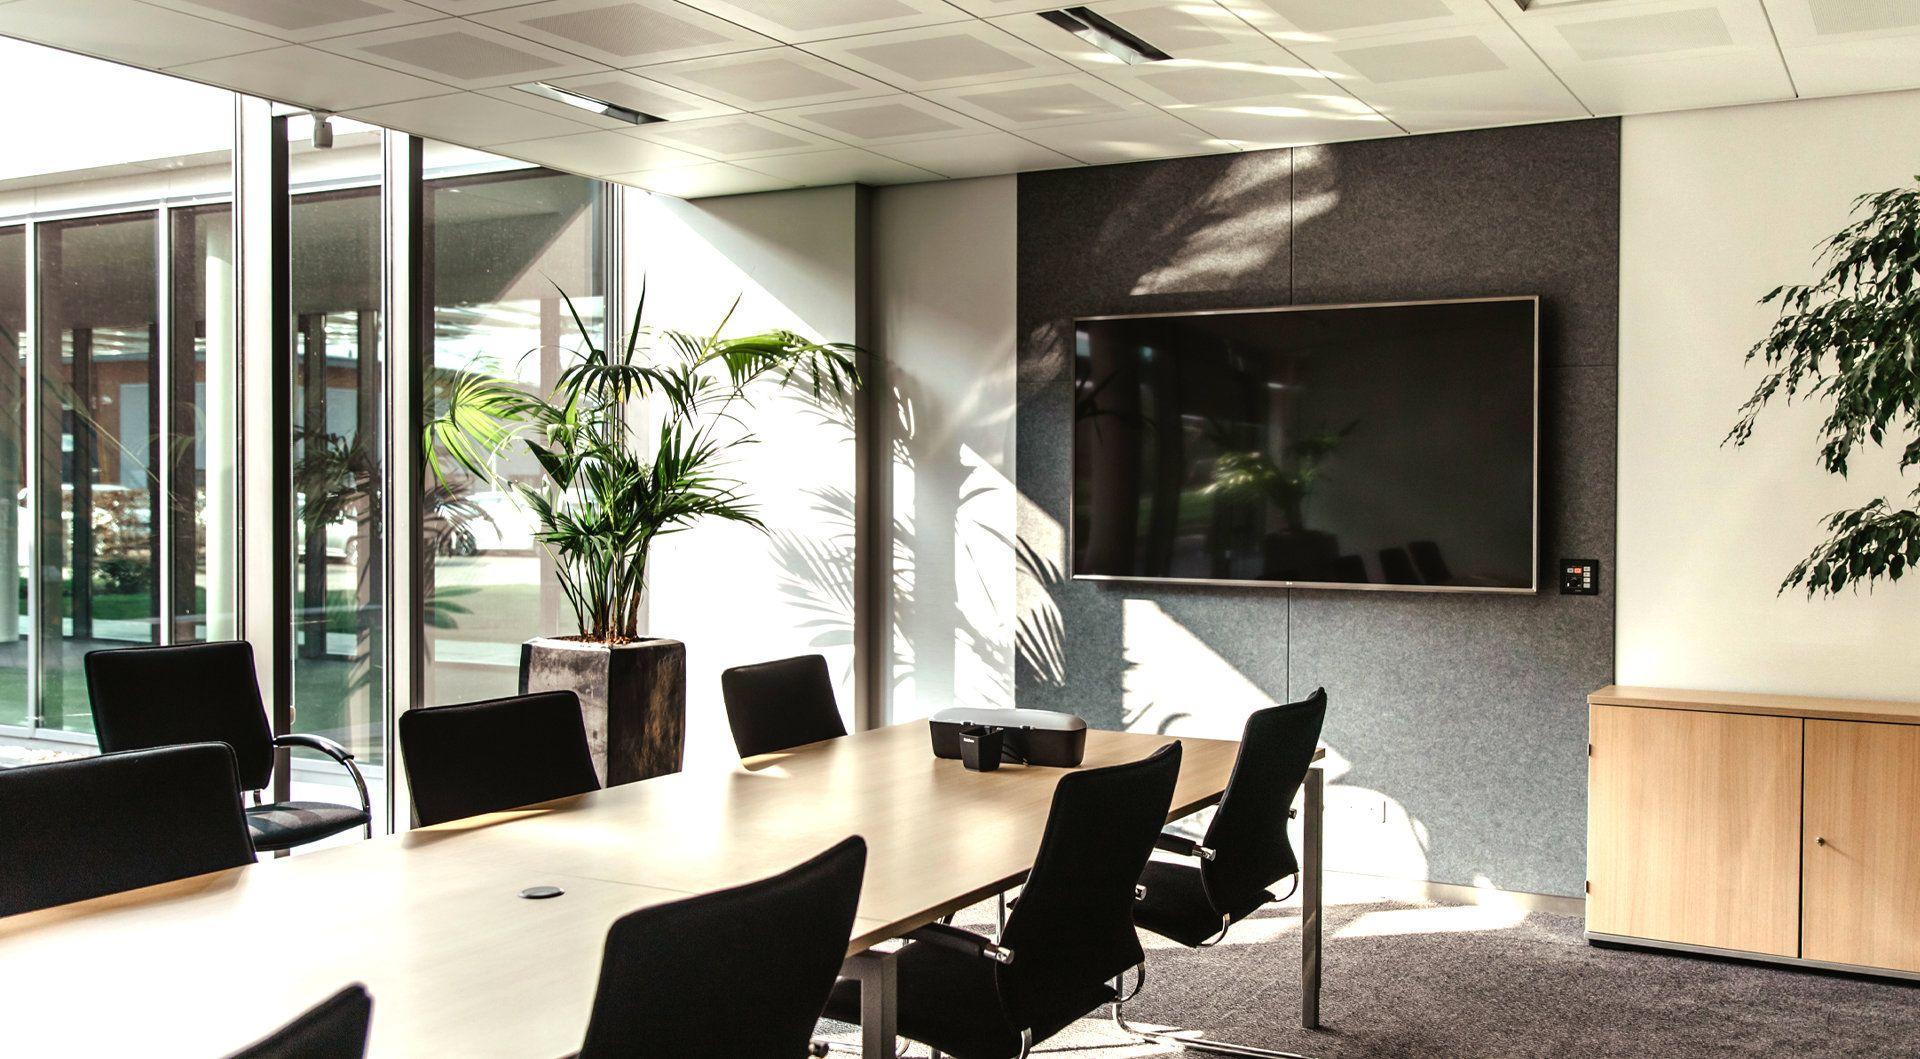 """Projecta SlimScreen 123x160 Matte White S projectiescherm 182,9 cm (72"""") 4:3 - Case studie de vries"""